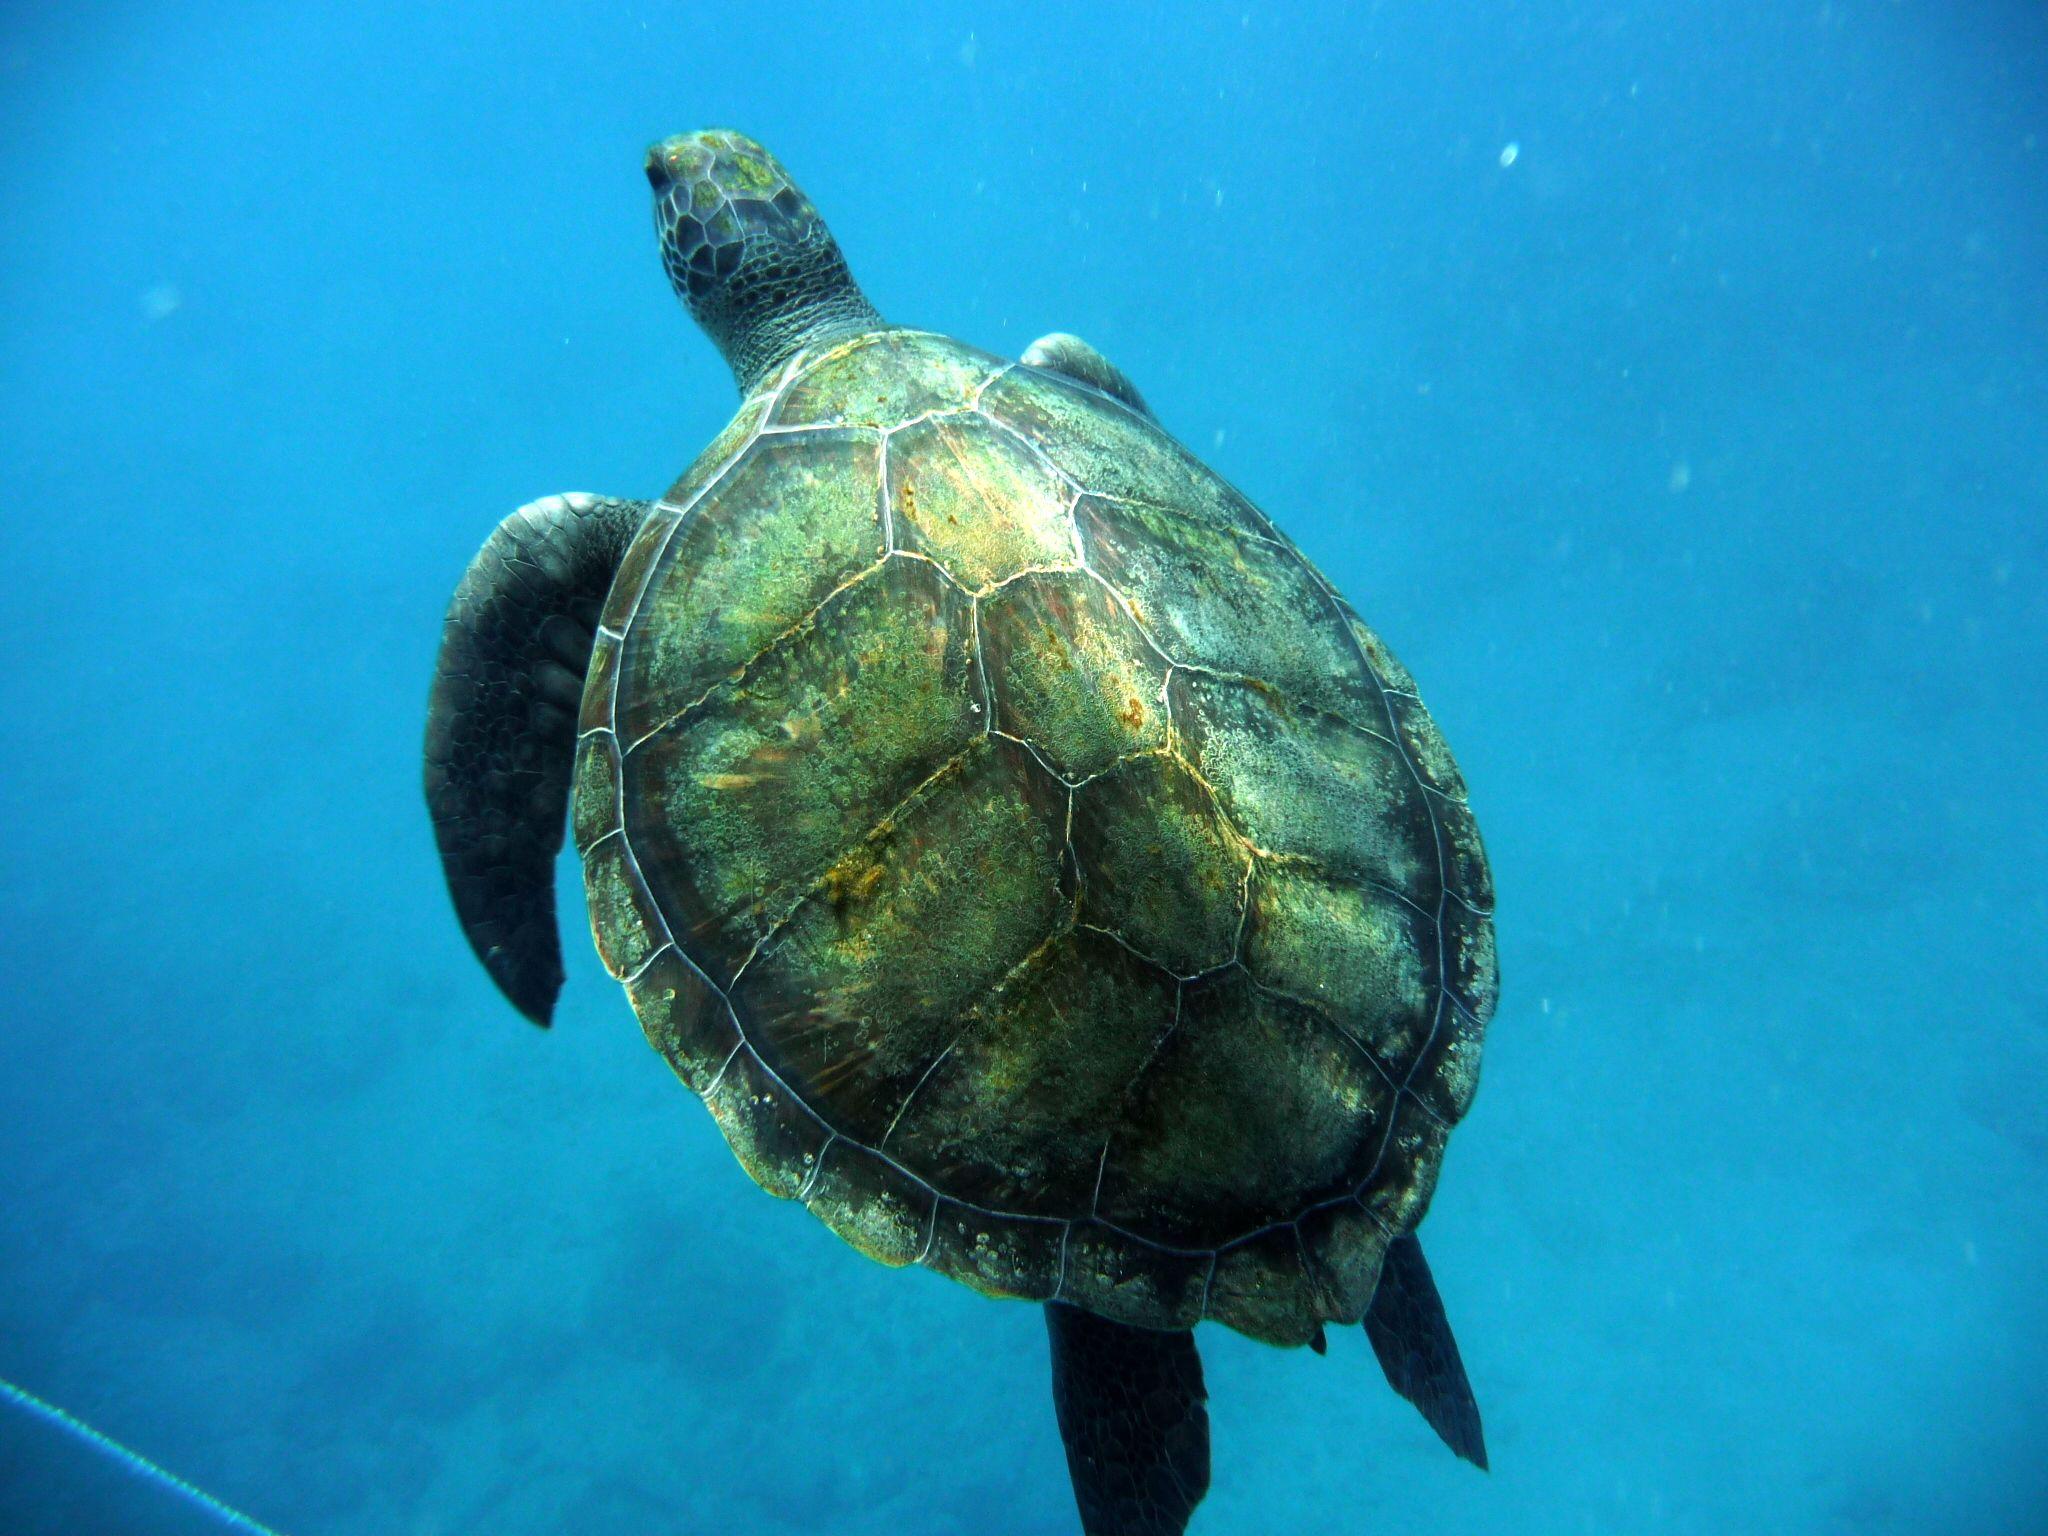 изделие морская черепаха фото и названия удобства туристов